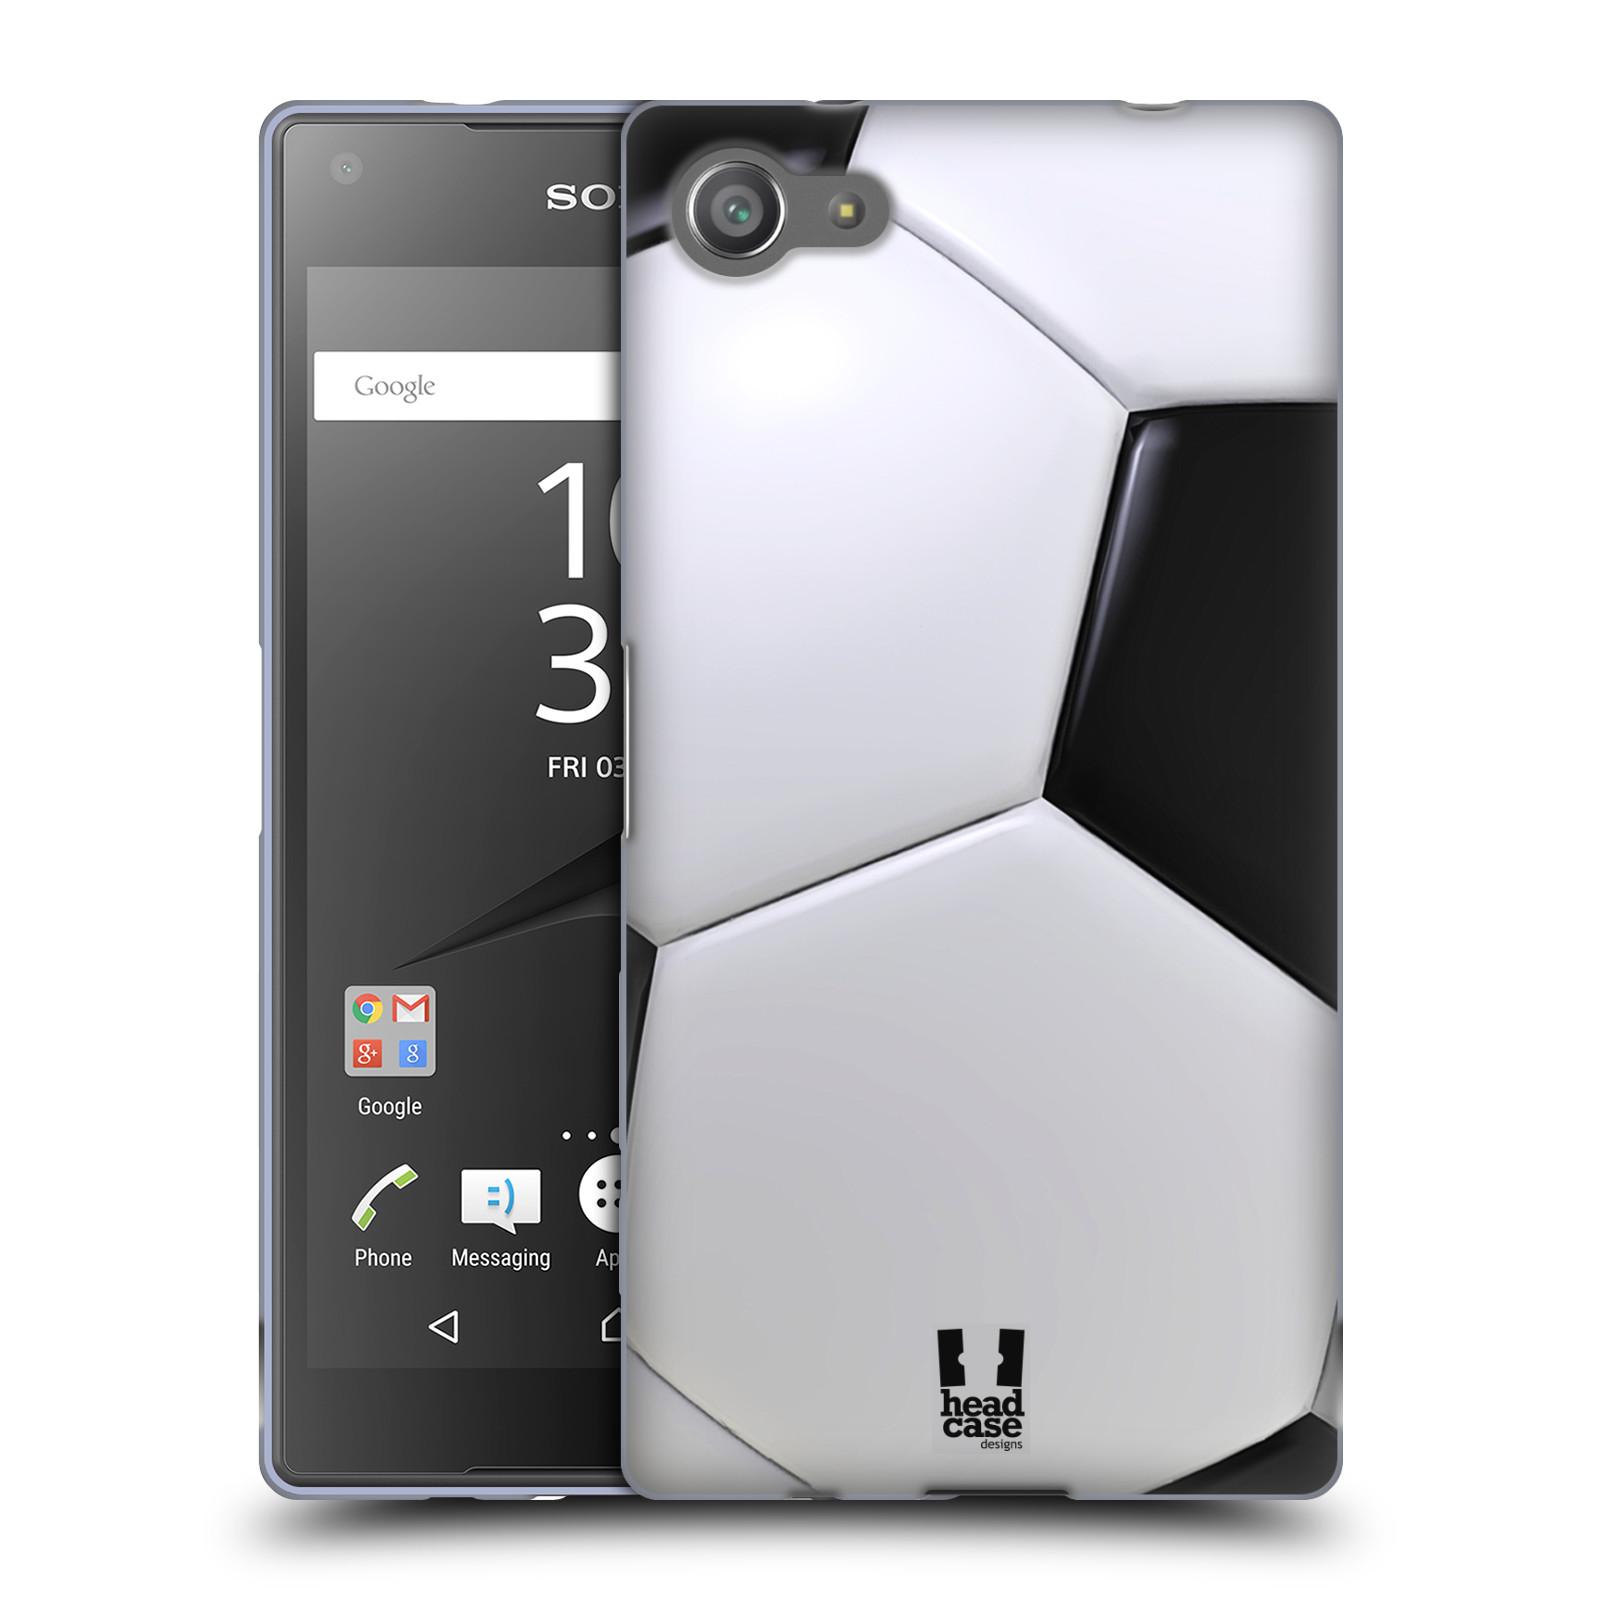 Silikonové pouzdro na mobil Sony Xperia Z5 Compact HEAD CASE KOPAČÁK